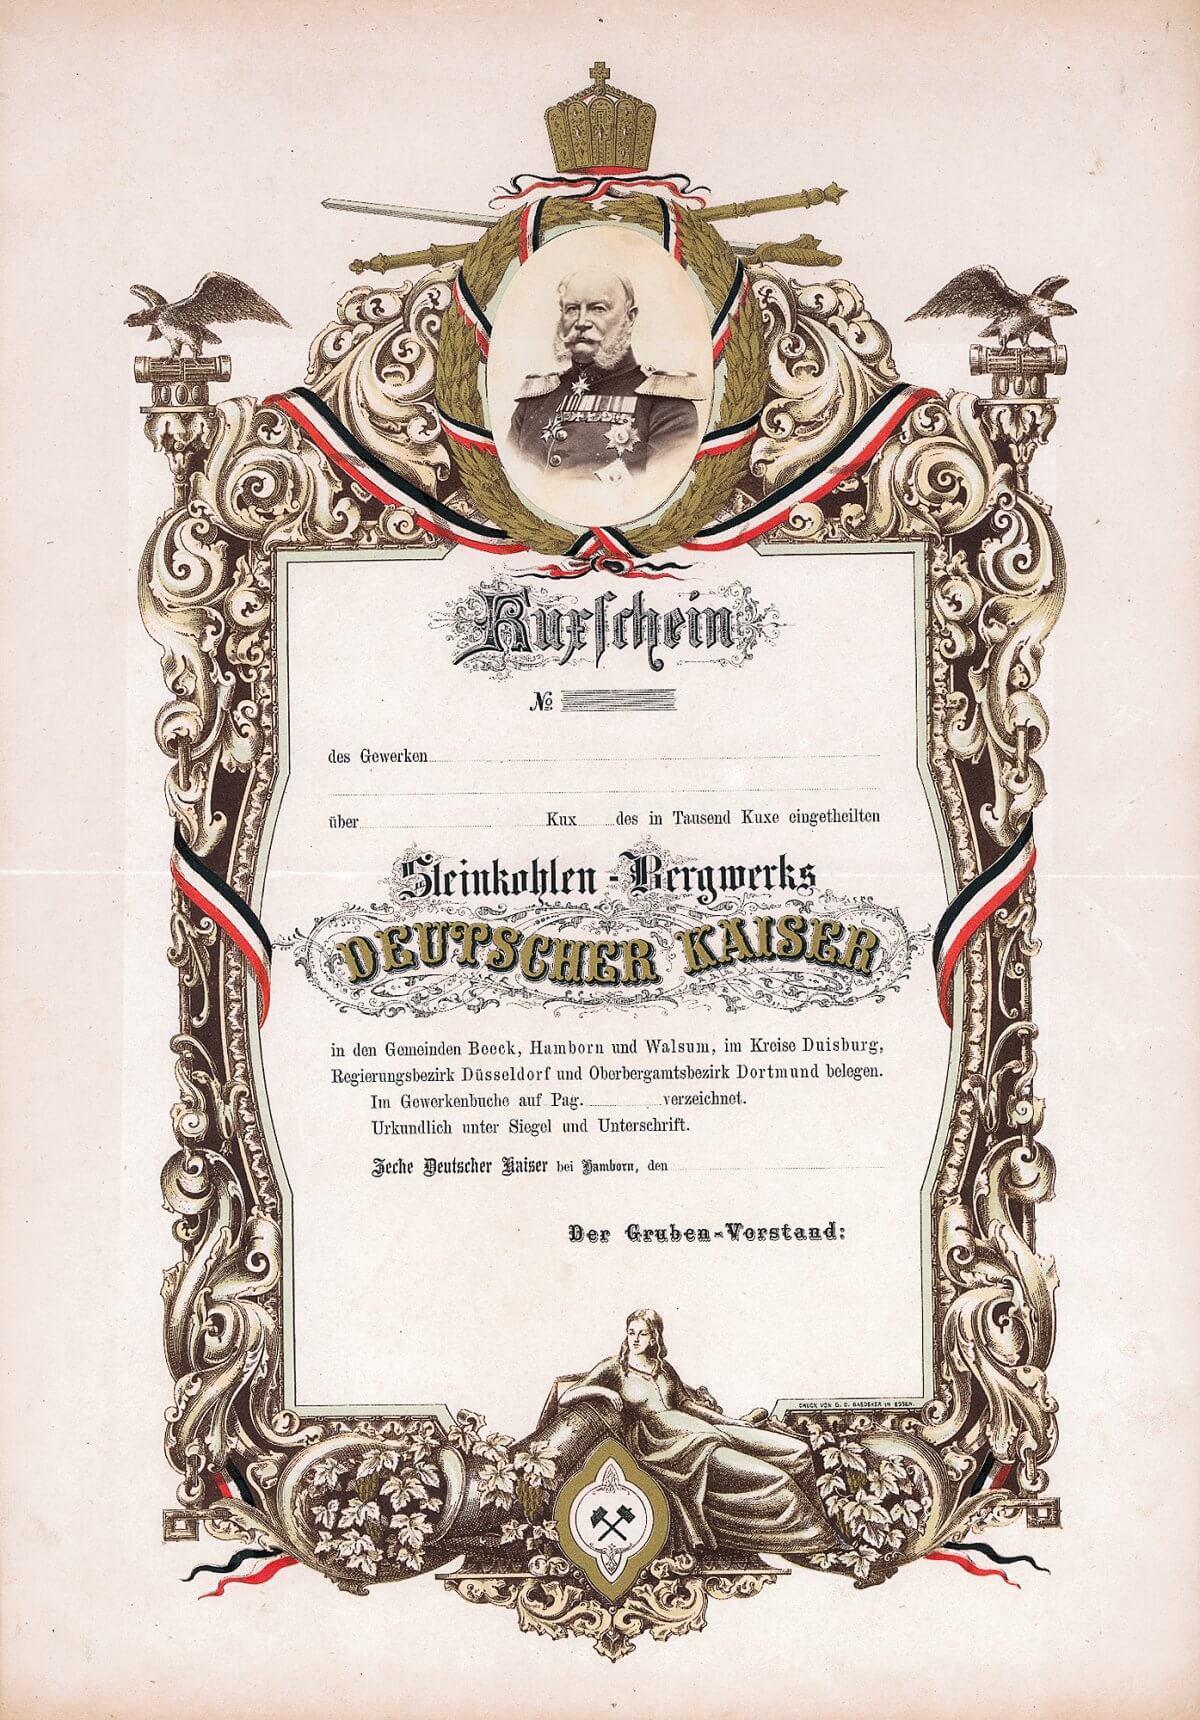 Steinkohlen-Bergwerk Deutscher Kaiser, Hamborn, Kuxschein von 1885. August Thyssen kaufte diese Kuxscheine auf, um seinen eisenindustriellen Unternehmungen eine eigene Kohlenbasis in einem vertikal integrierten Konzern zu schaffen